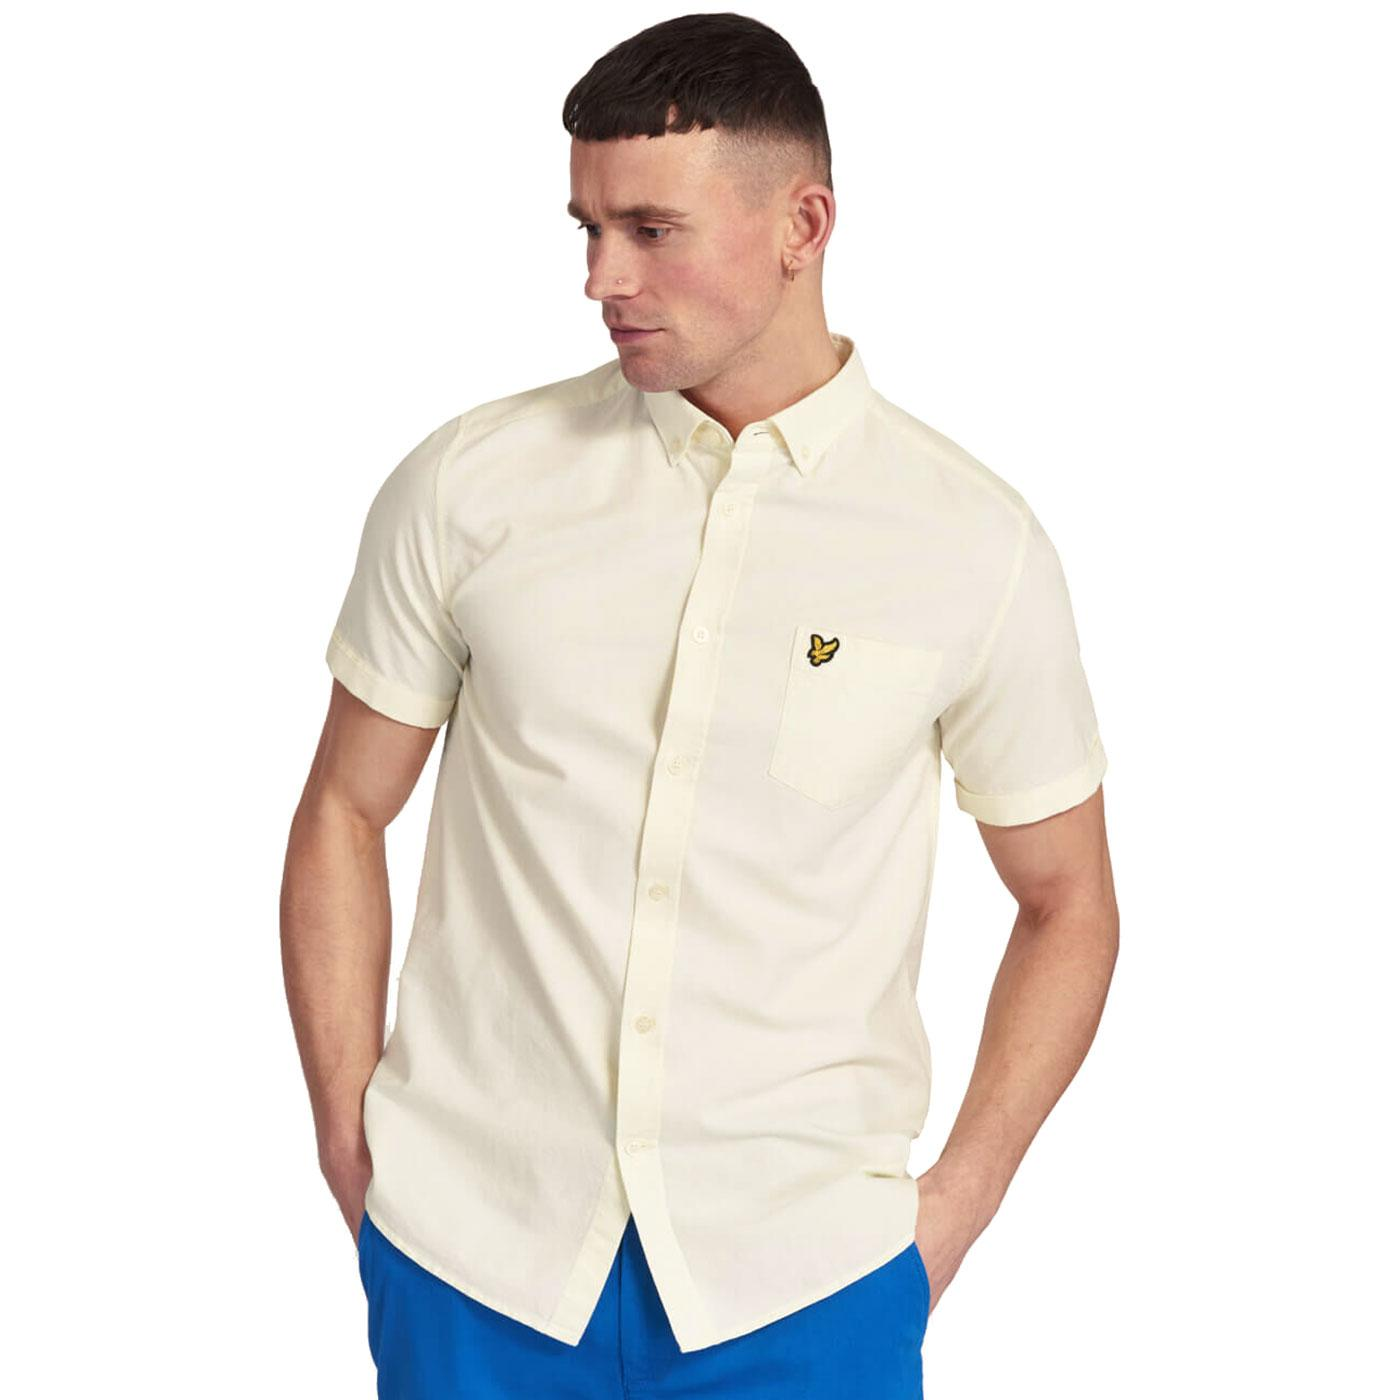 LYLE & SCOTT Mens Mod S/S Oxford Shirt BUTTERCREAM